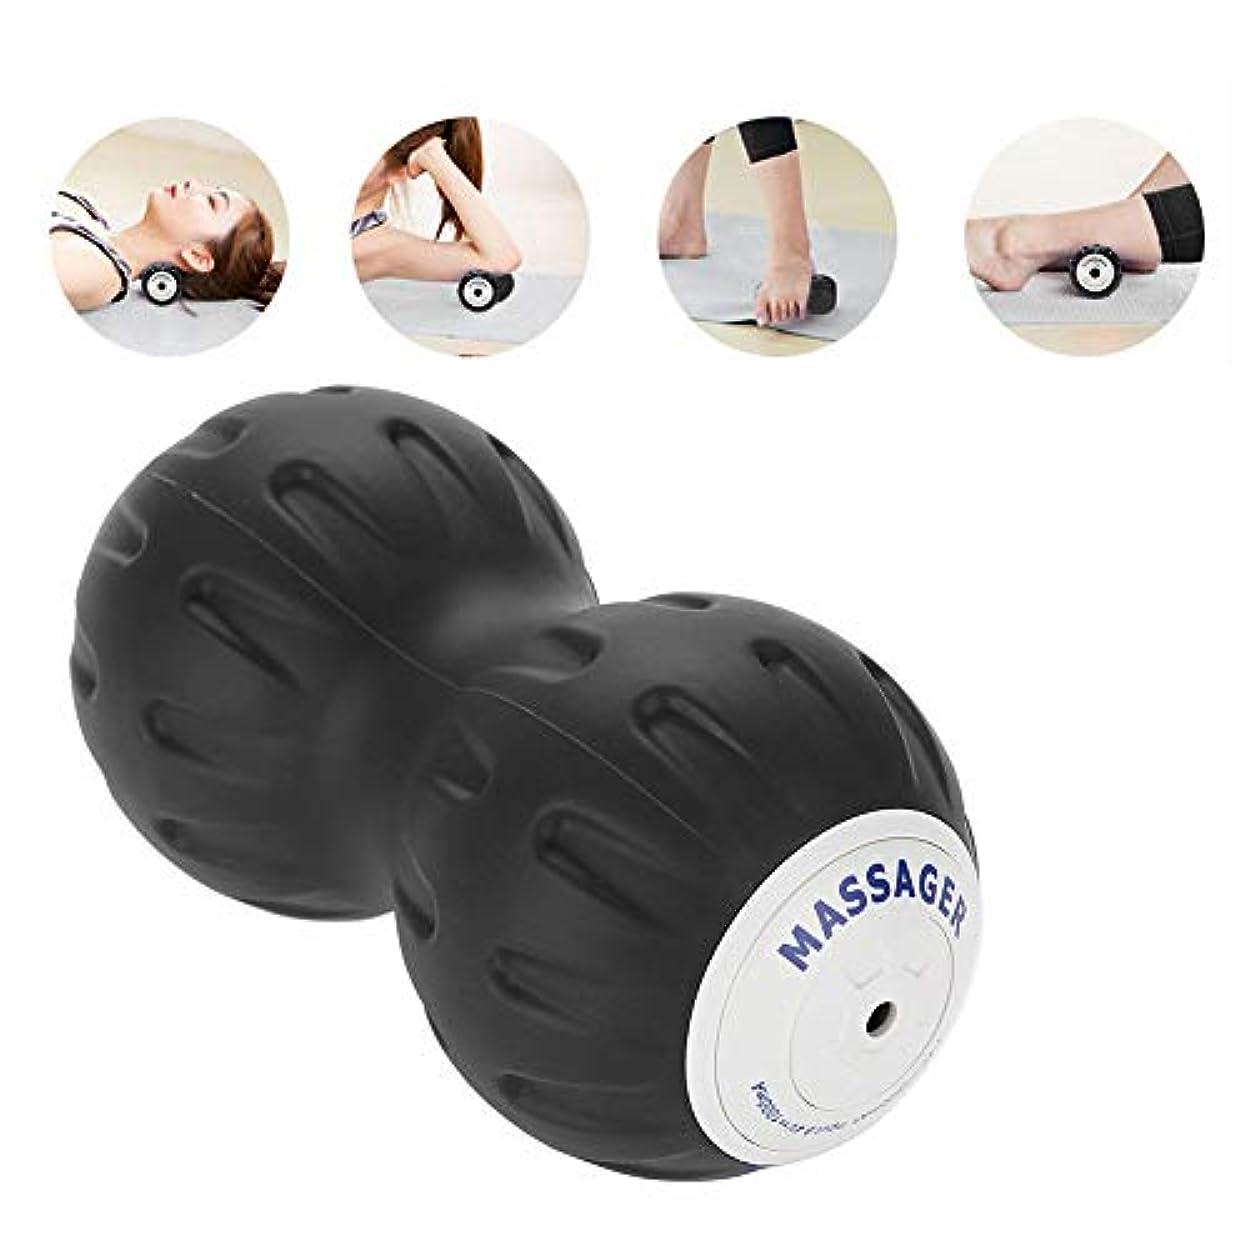 勝利悪意調査ピーナッツマッサージボール、電気二重ラクロスボール3スピード高輝度ヨガ枕筋肉リラックス筋膜マッサージローラー(US-Plug)